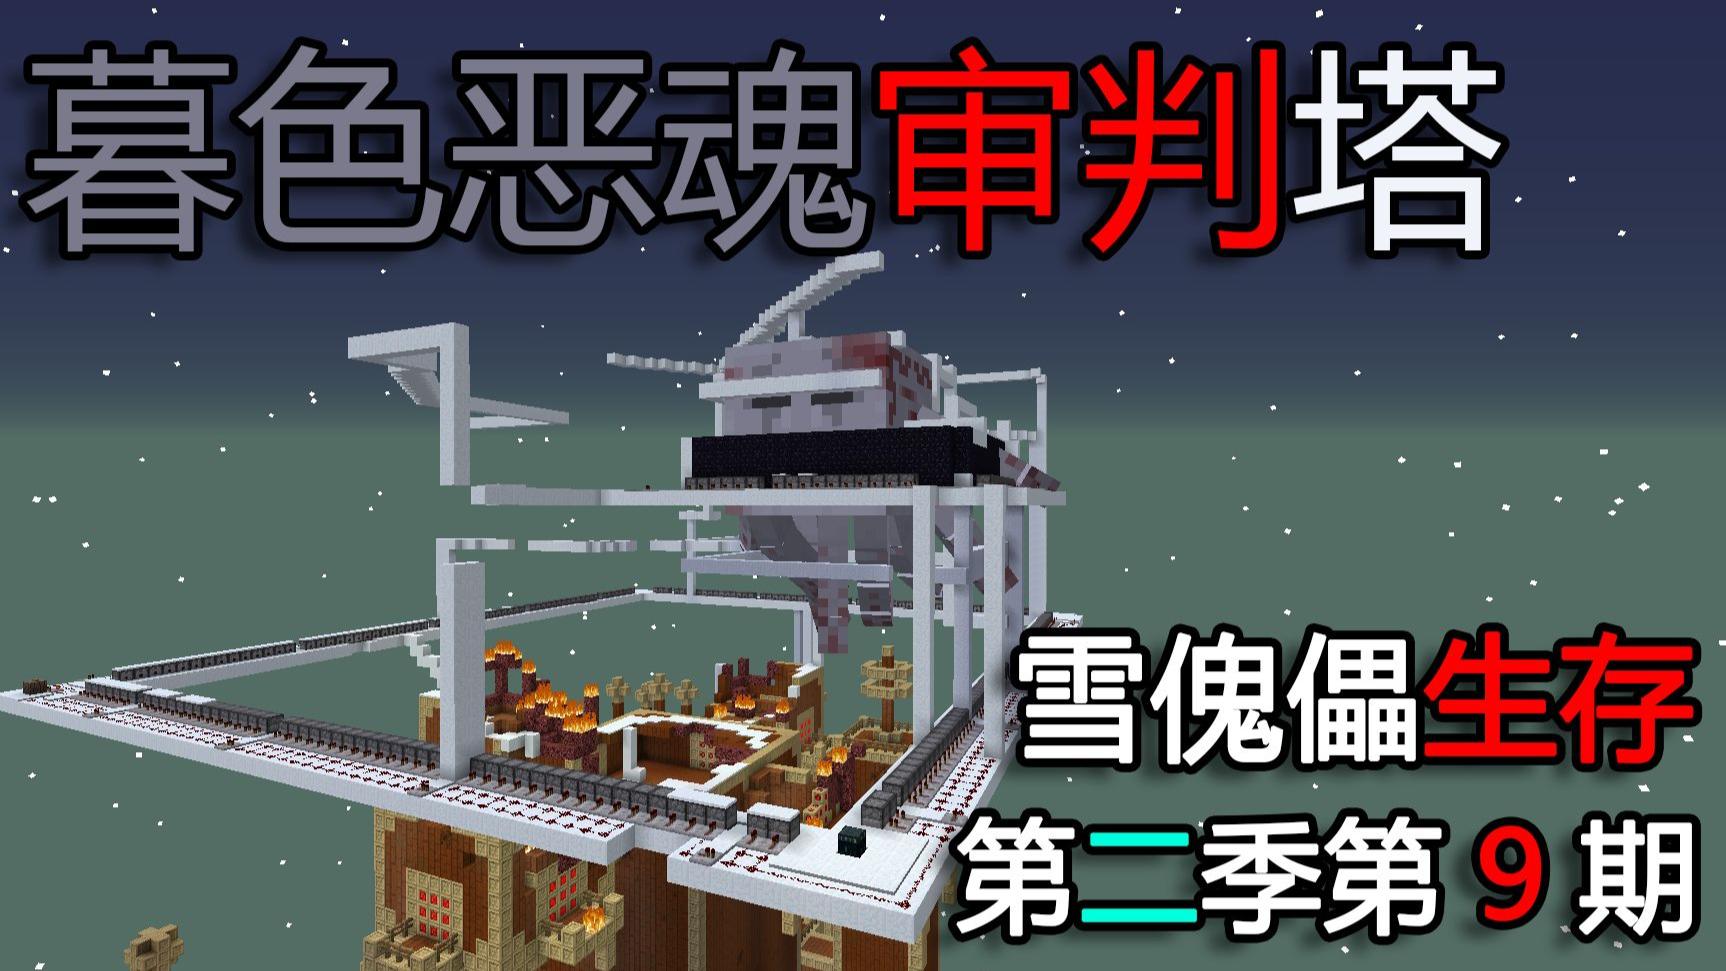 暮色恶魂捆绑Play | Minecraft 雪傀儡生存第二季第九期